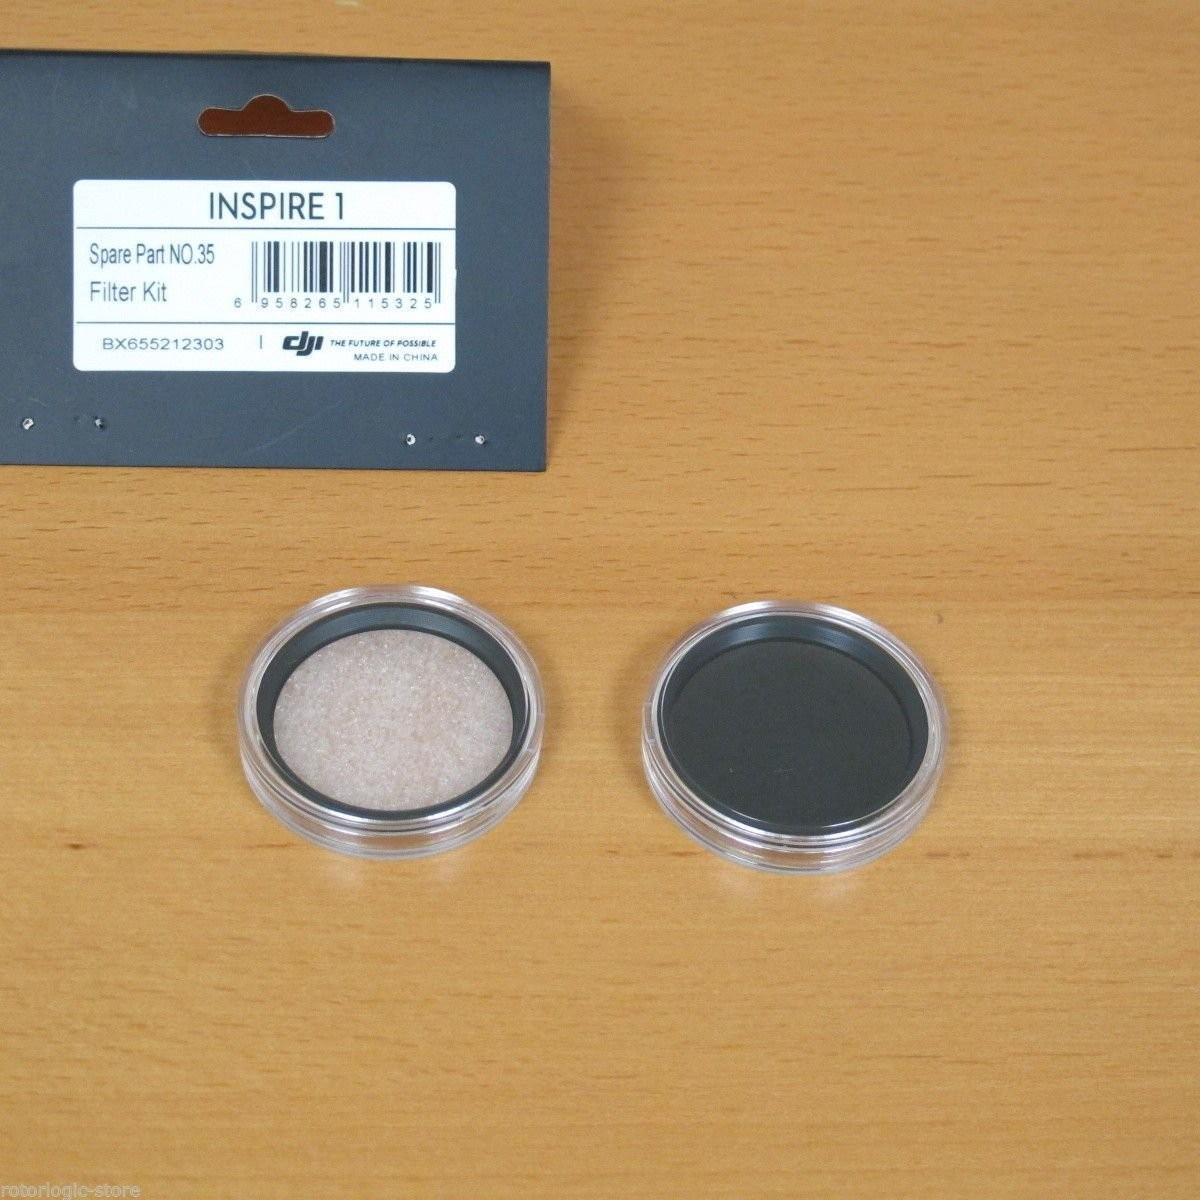 DJI Inspire 1 Part 35 Lens Filter Kit